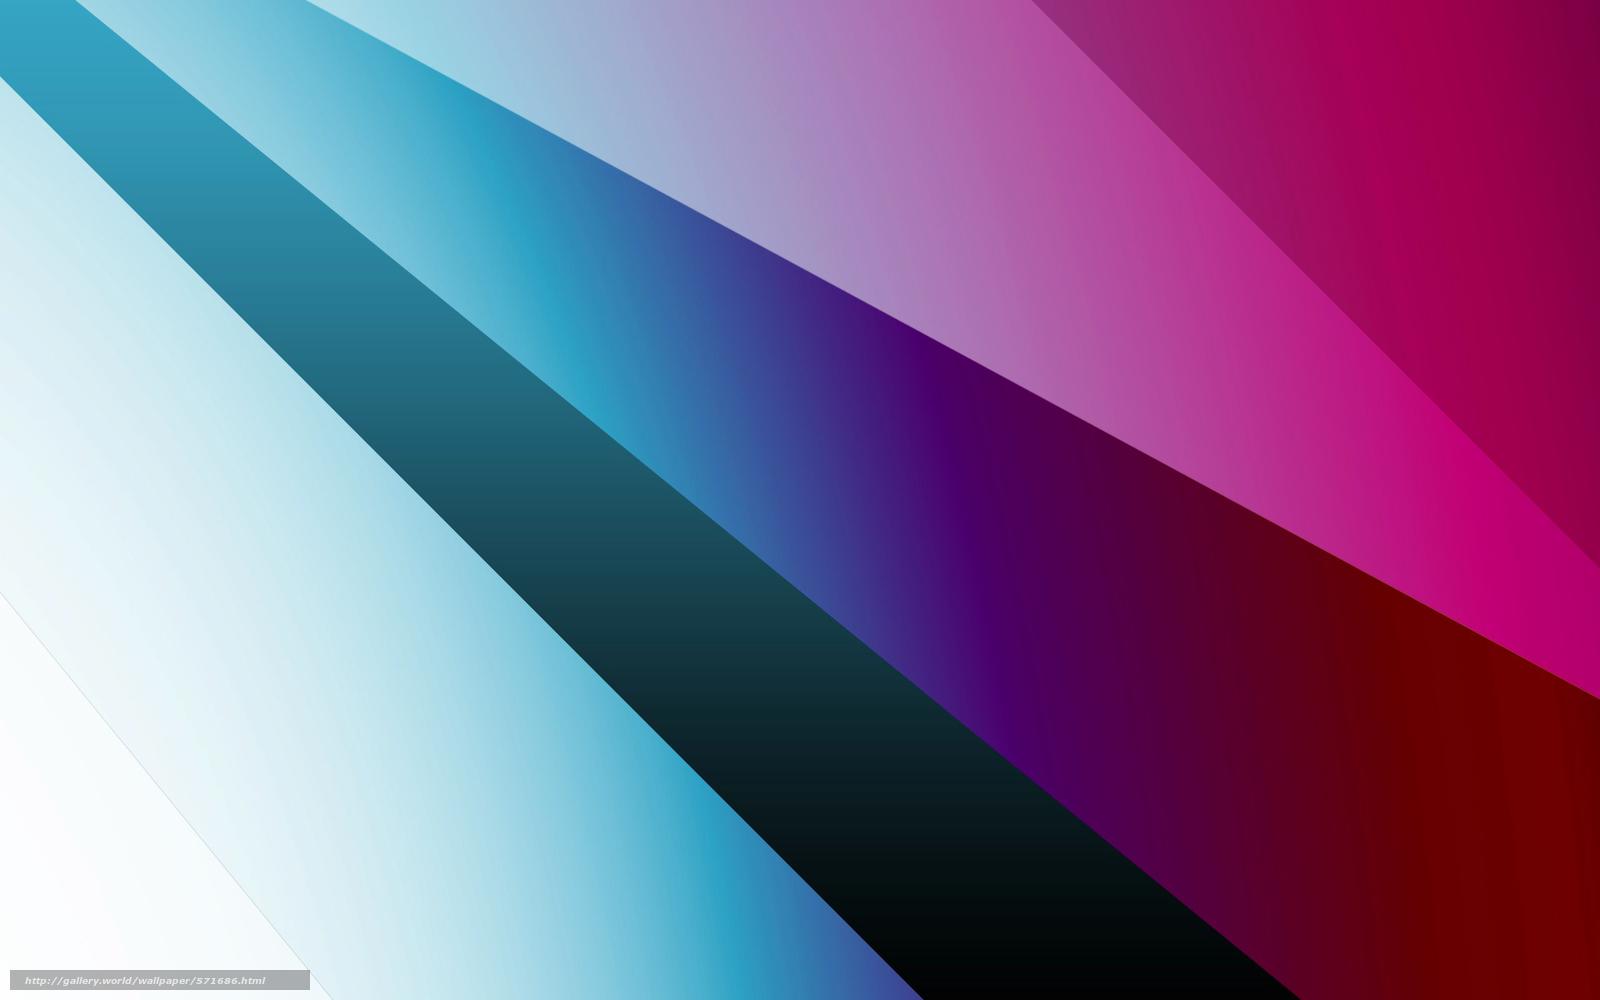 Tlcharger fond d 39 ecran bande ligne papier peint couleur for Papier peint pour bureau gratuit